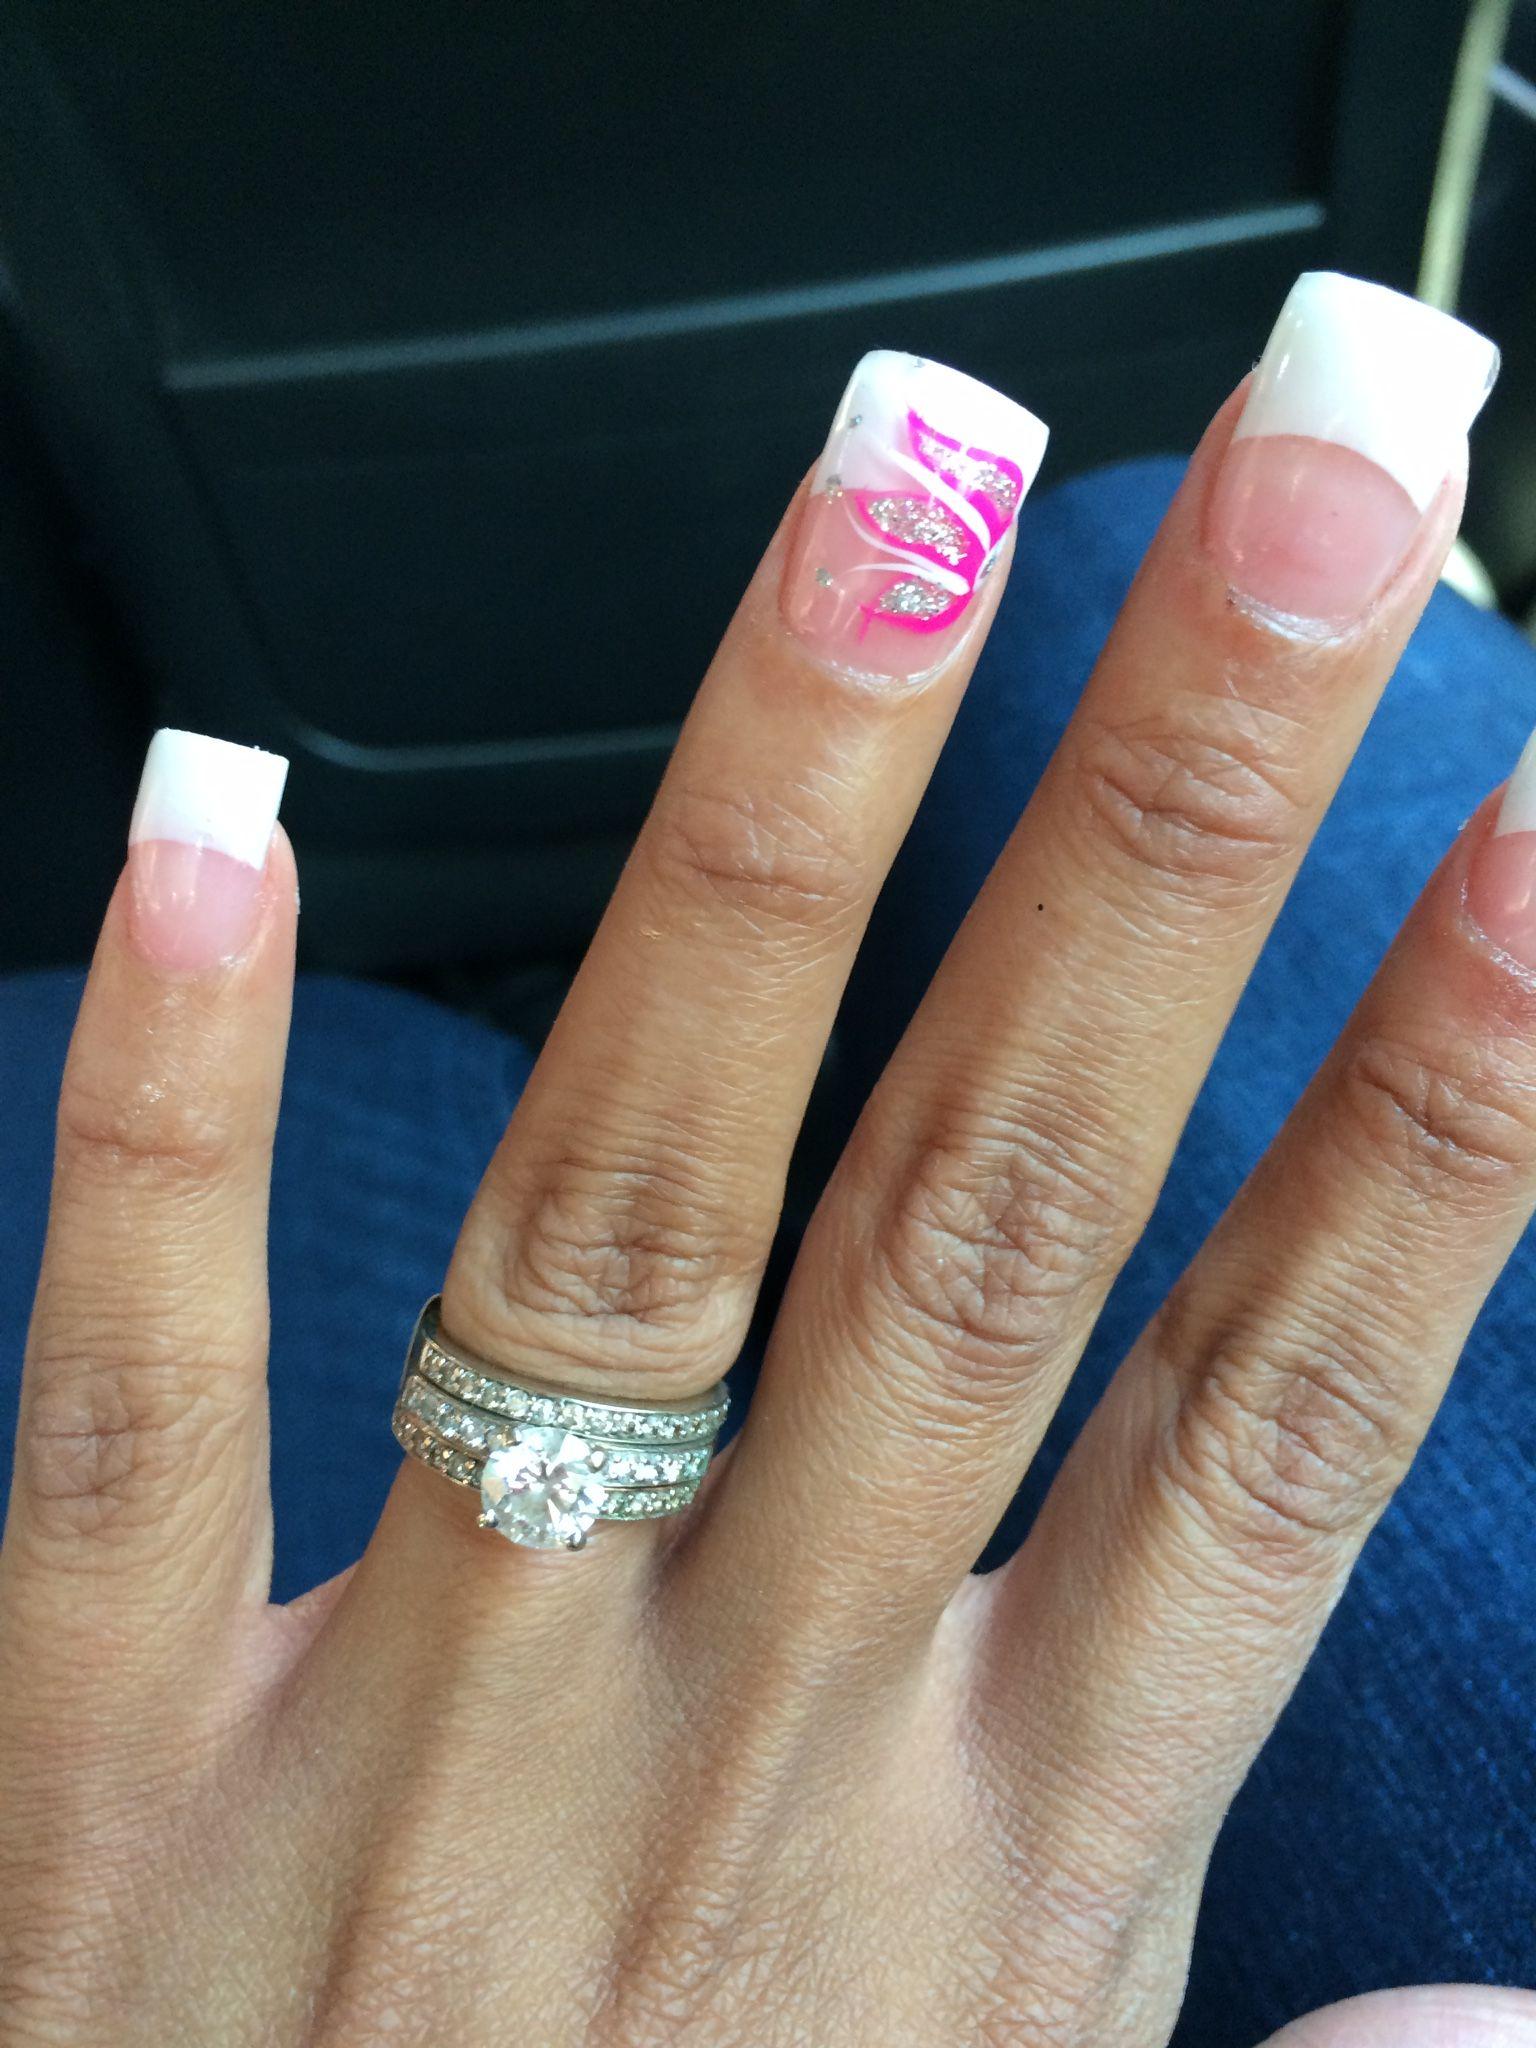 Pin by Nicole Jaffe on MY NAILS & NAIL ART   Pinterest   Nail nail